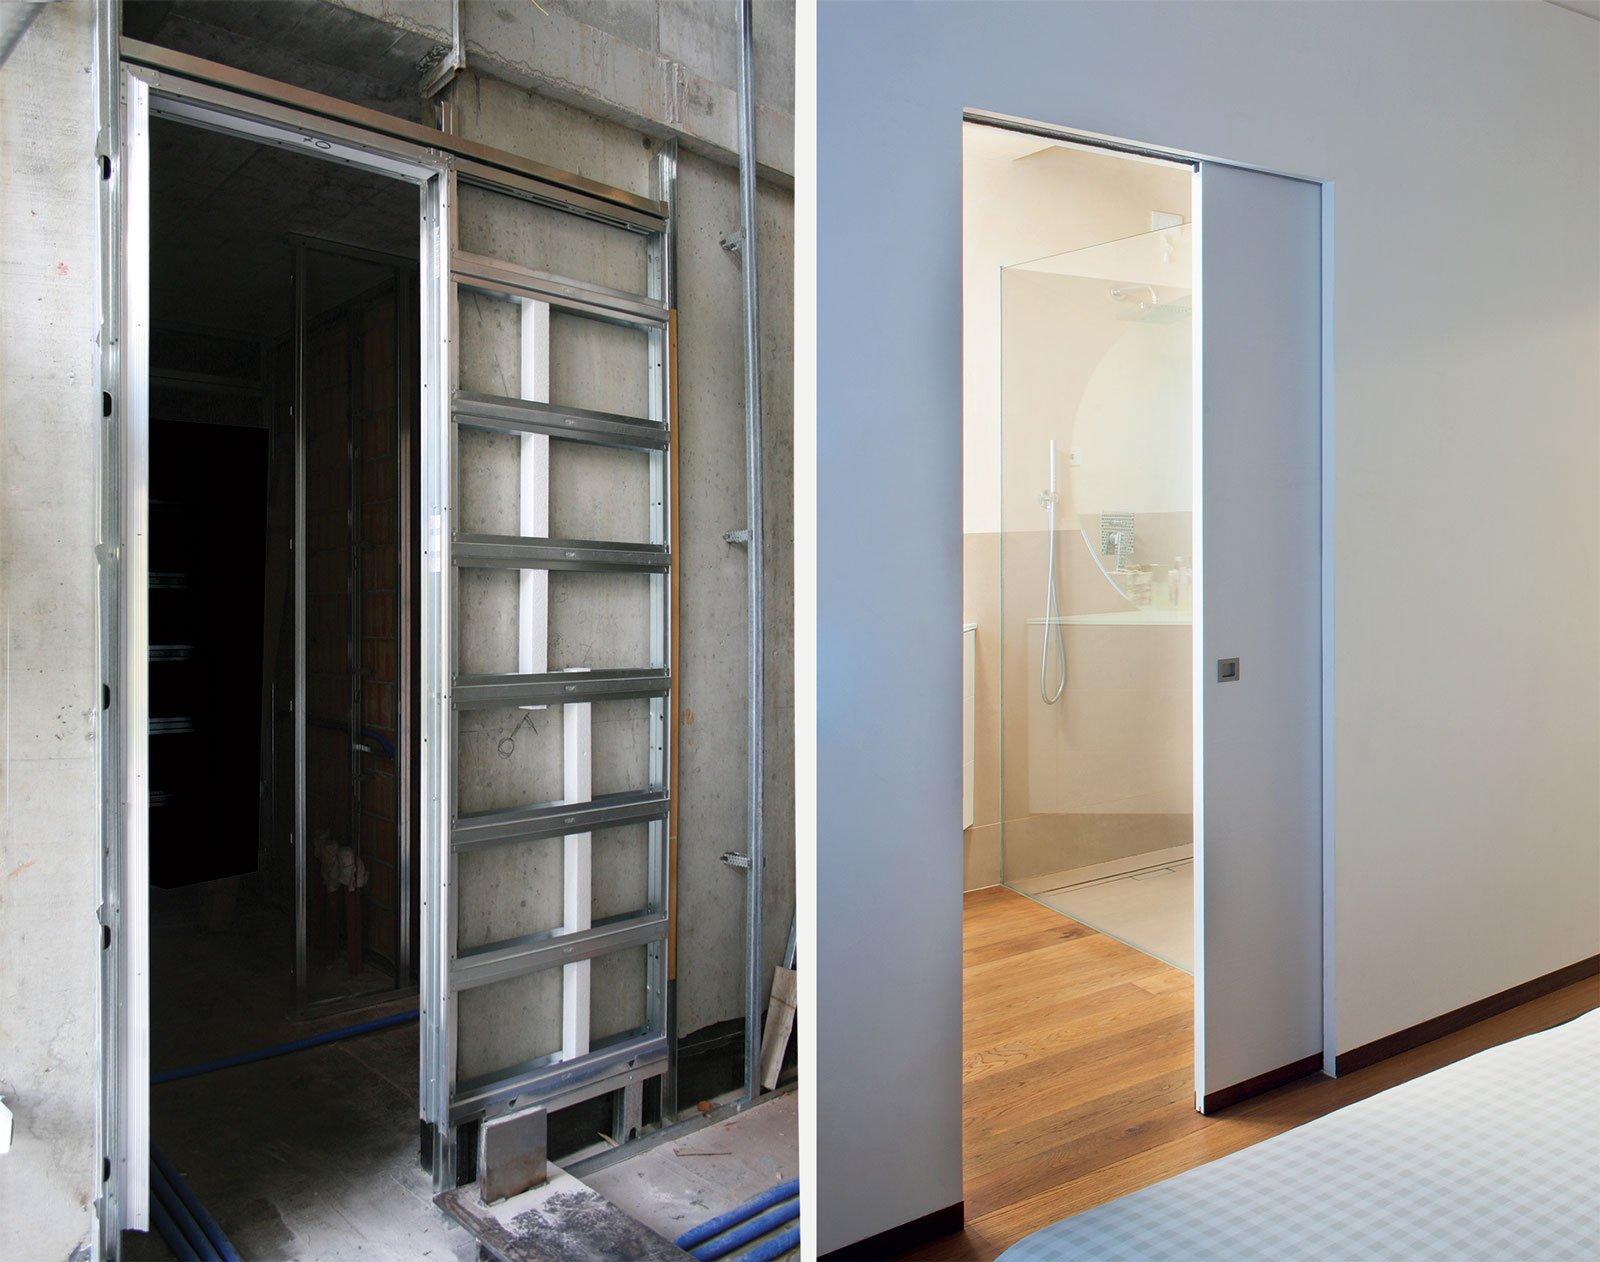 Sfruttare lo spazio con le porte a scomparsa cose di casa - Porta scorrevole a scomparsa ...